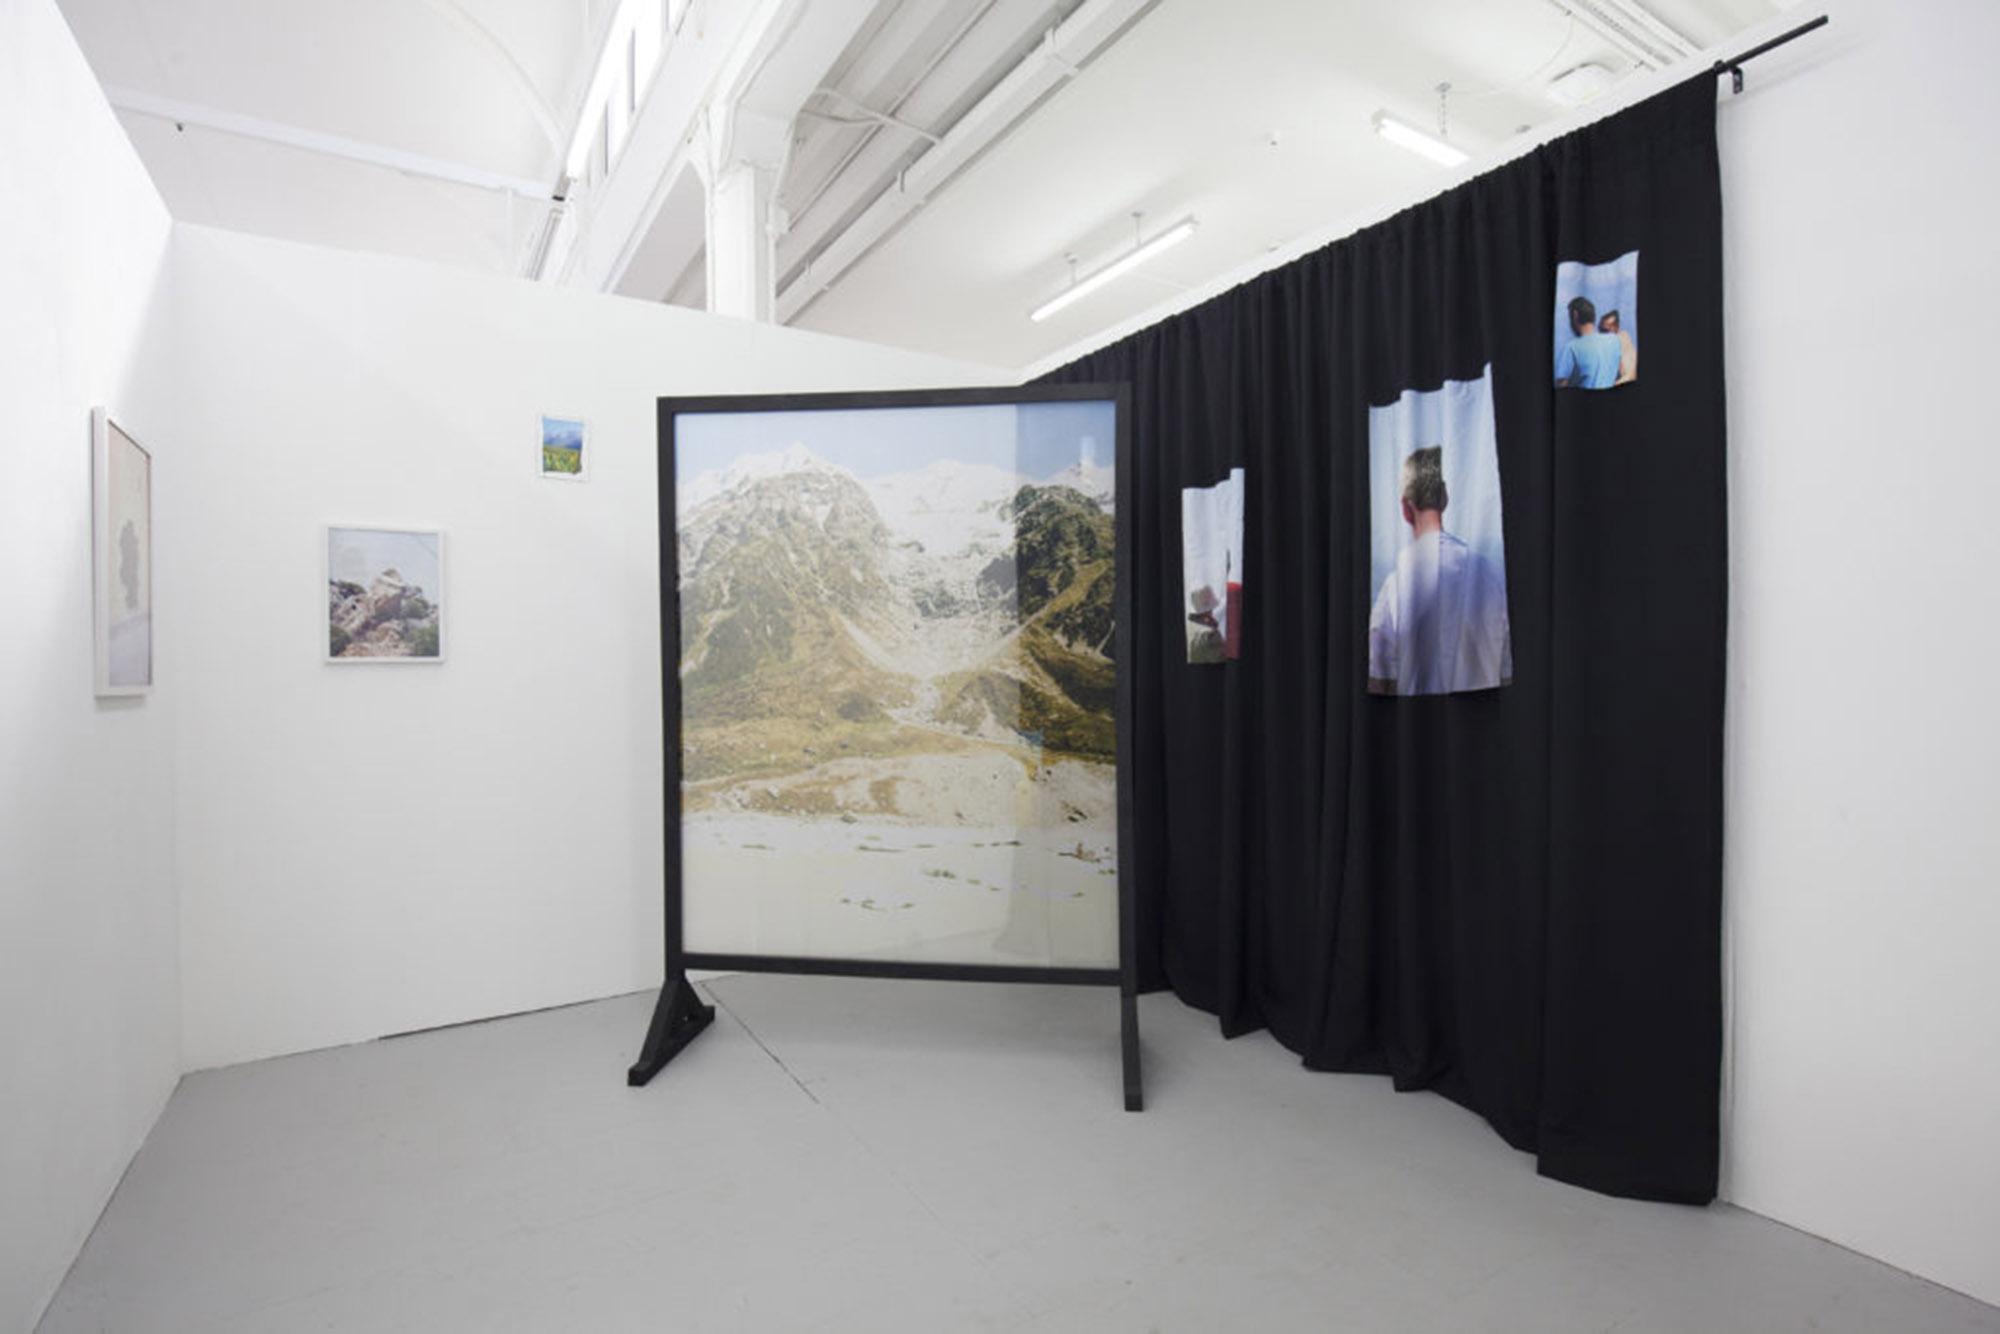 Jonas Jessen Hansen, Glasgow School of Art Degree Show, 2018, copyright Jonas Jessen Hansen